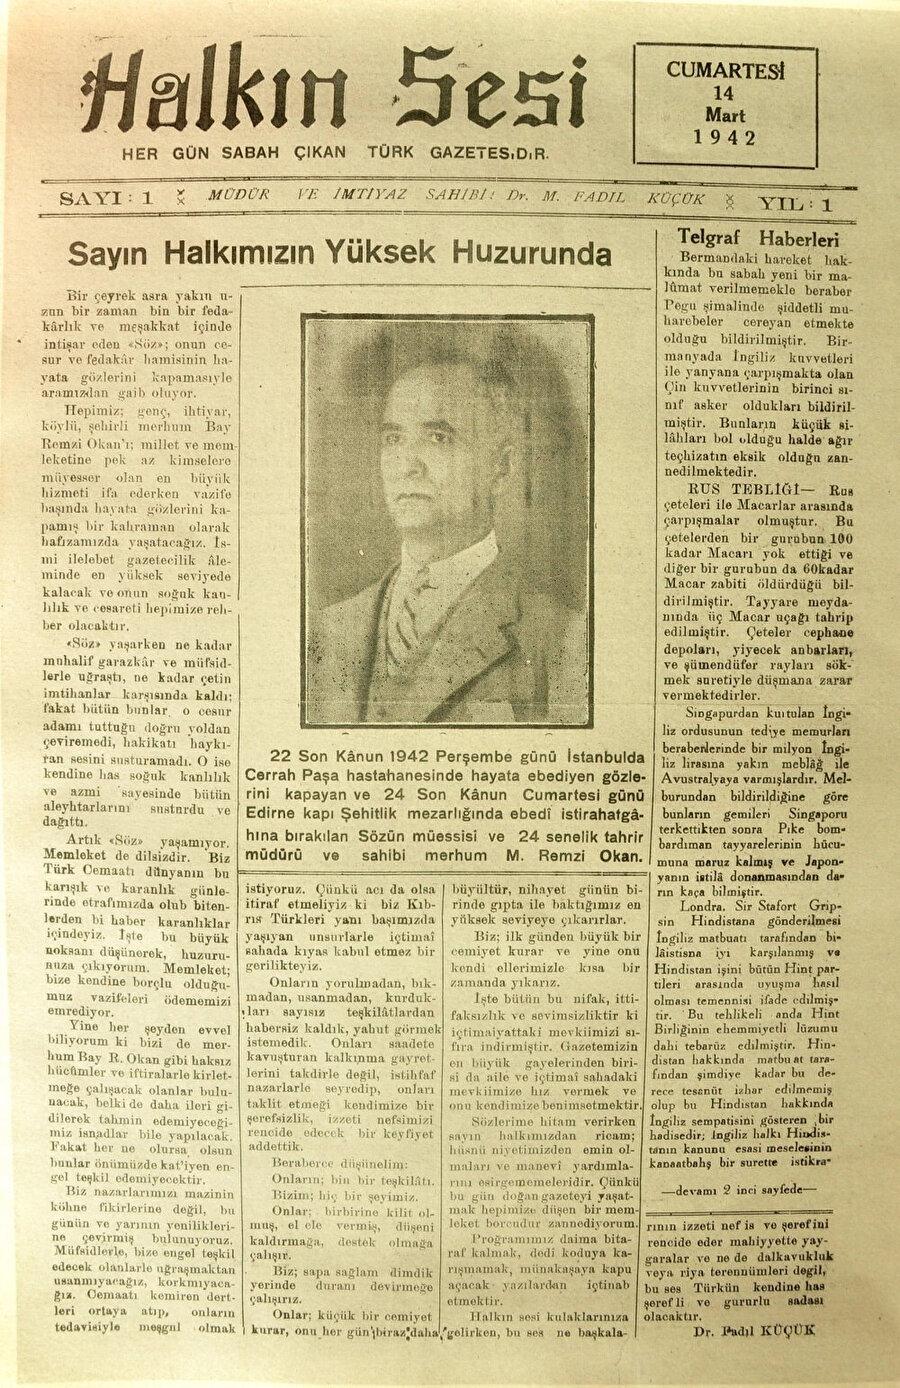 Kıbrıs Türk tarihini sayfaları arasında belgeleyen ve halkın aynası olan 'Halkın sesi' gazetesi.